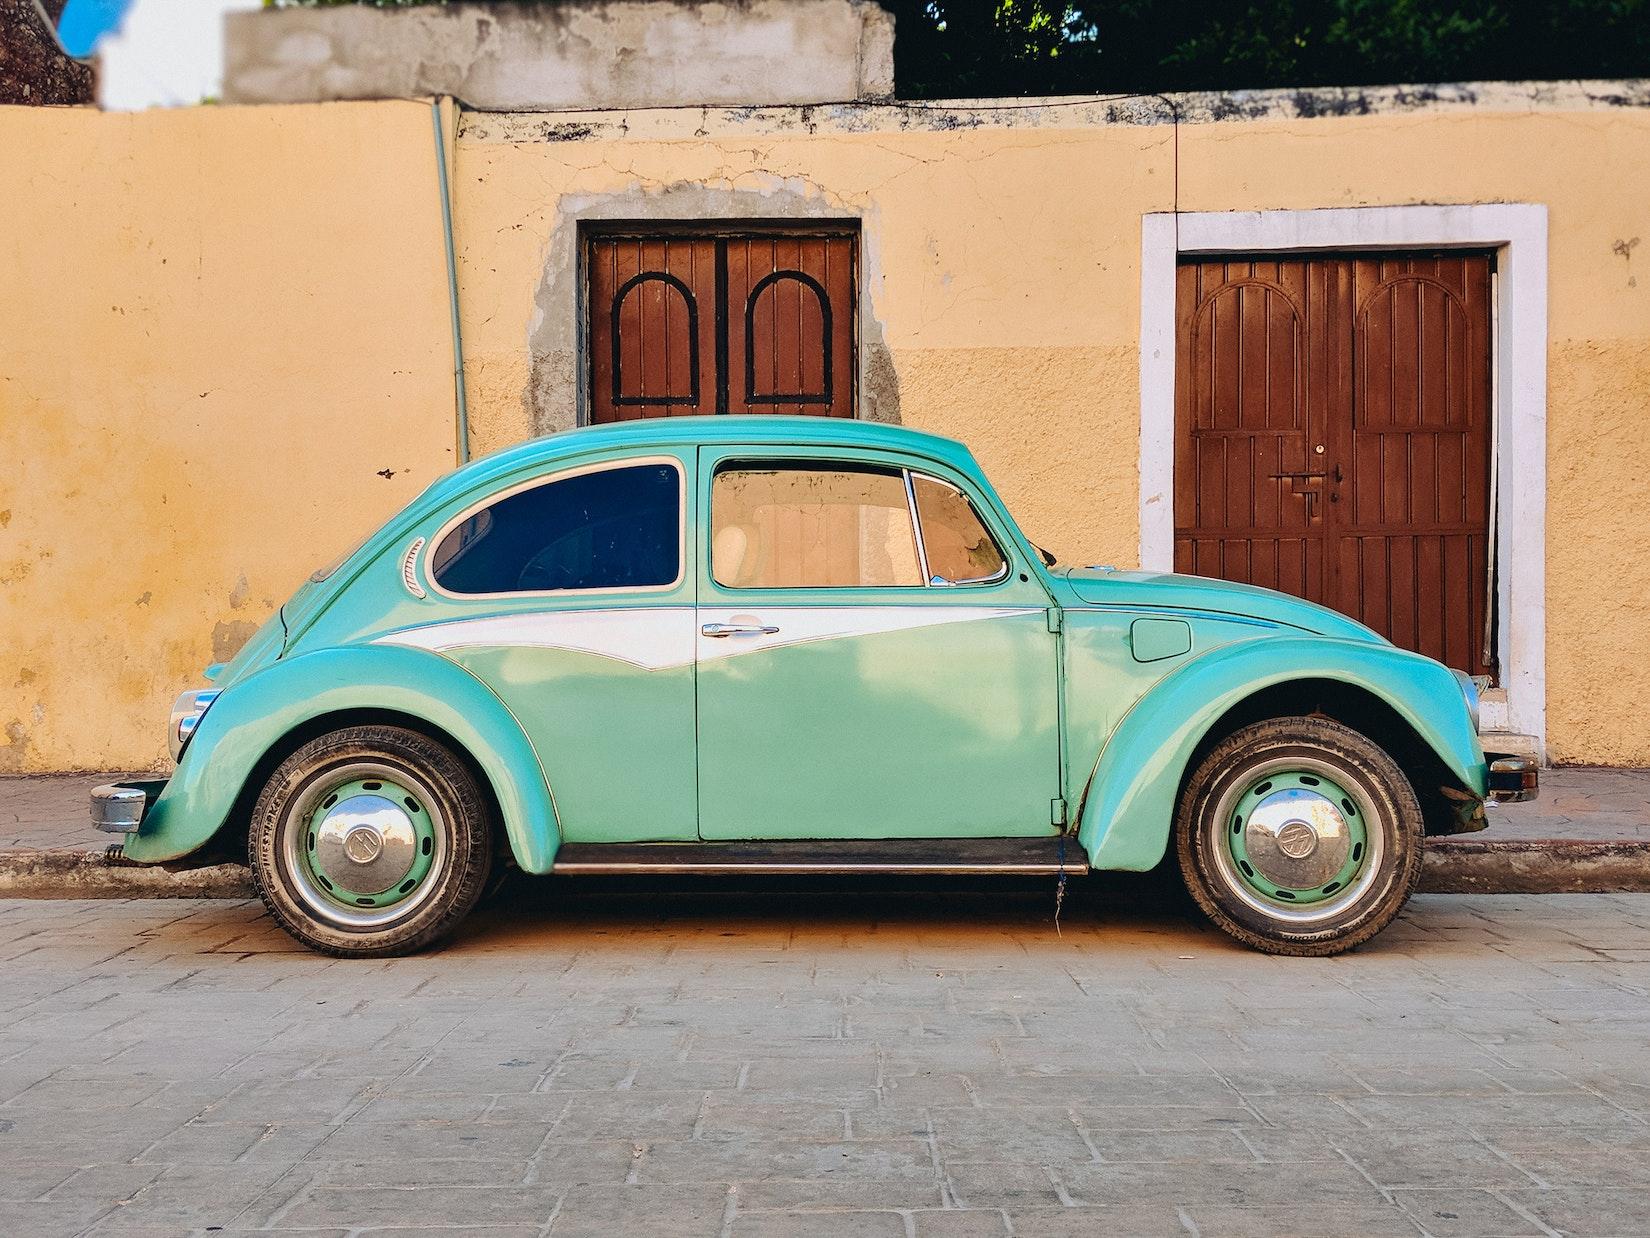 Teal vintage VW Beetle